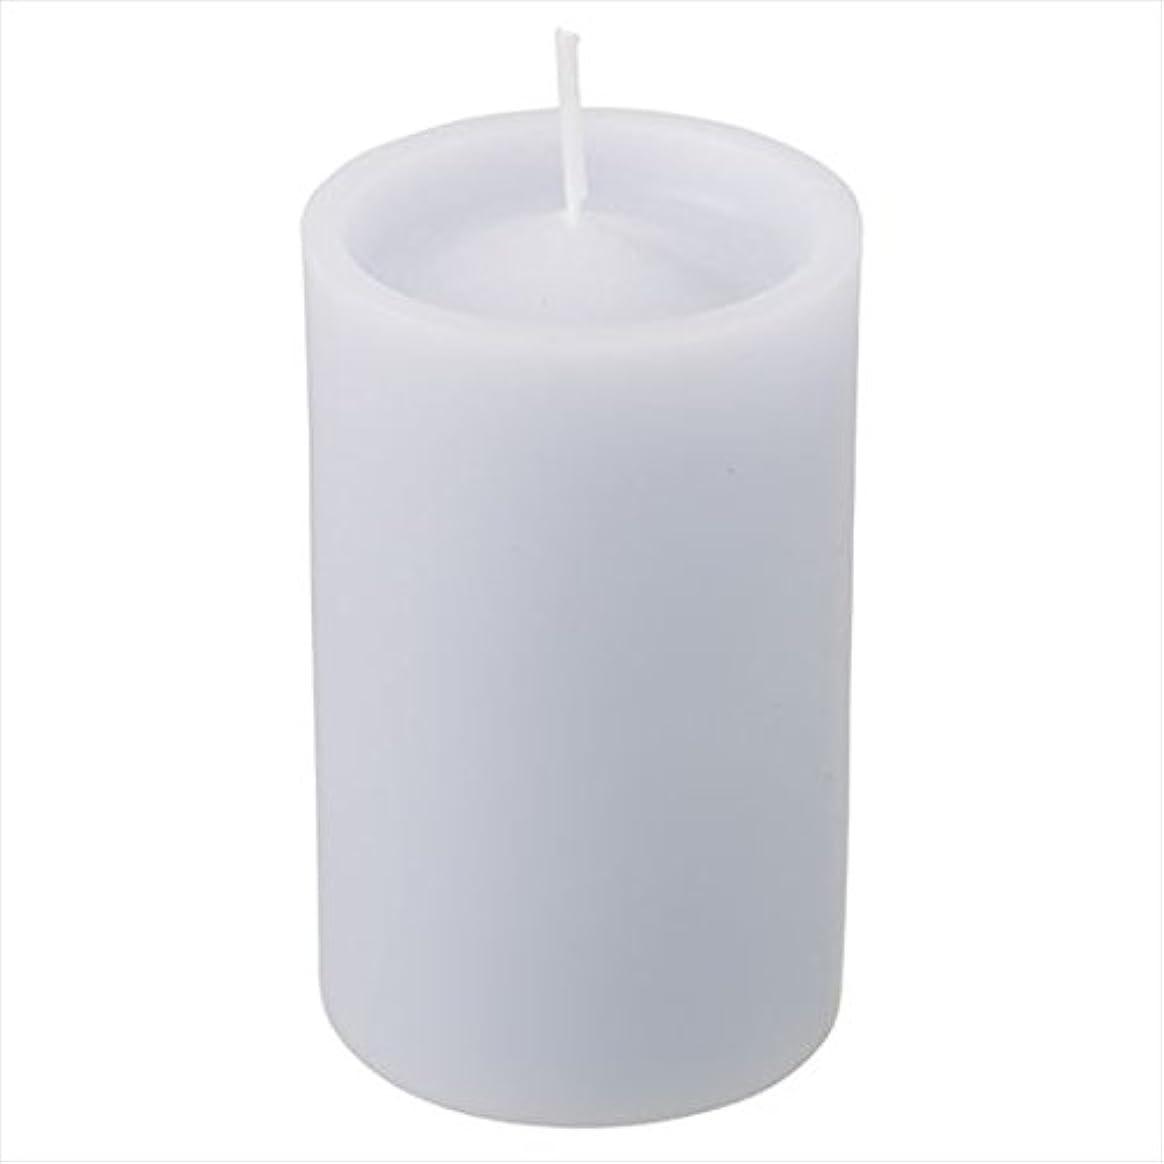 剣パノラマ答えカメヤマキャンドル( kameyama candle ) ロイヤルラウンド60 「 グレー 」